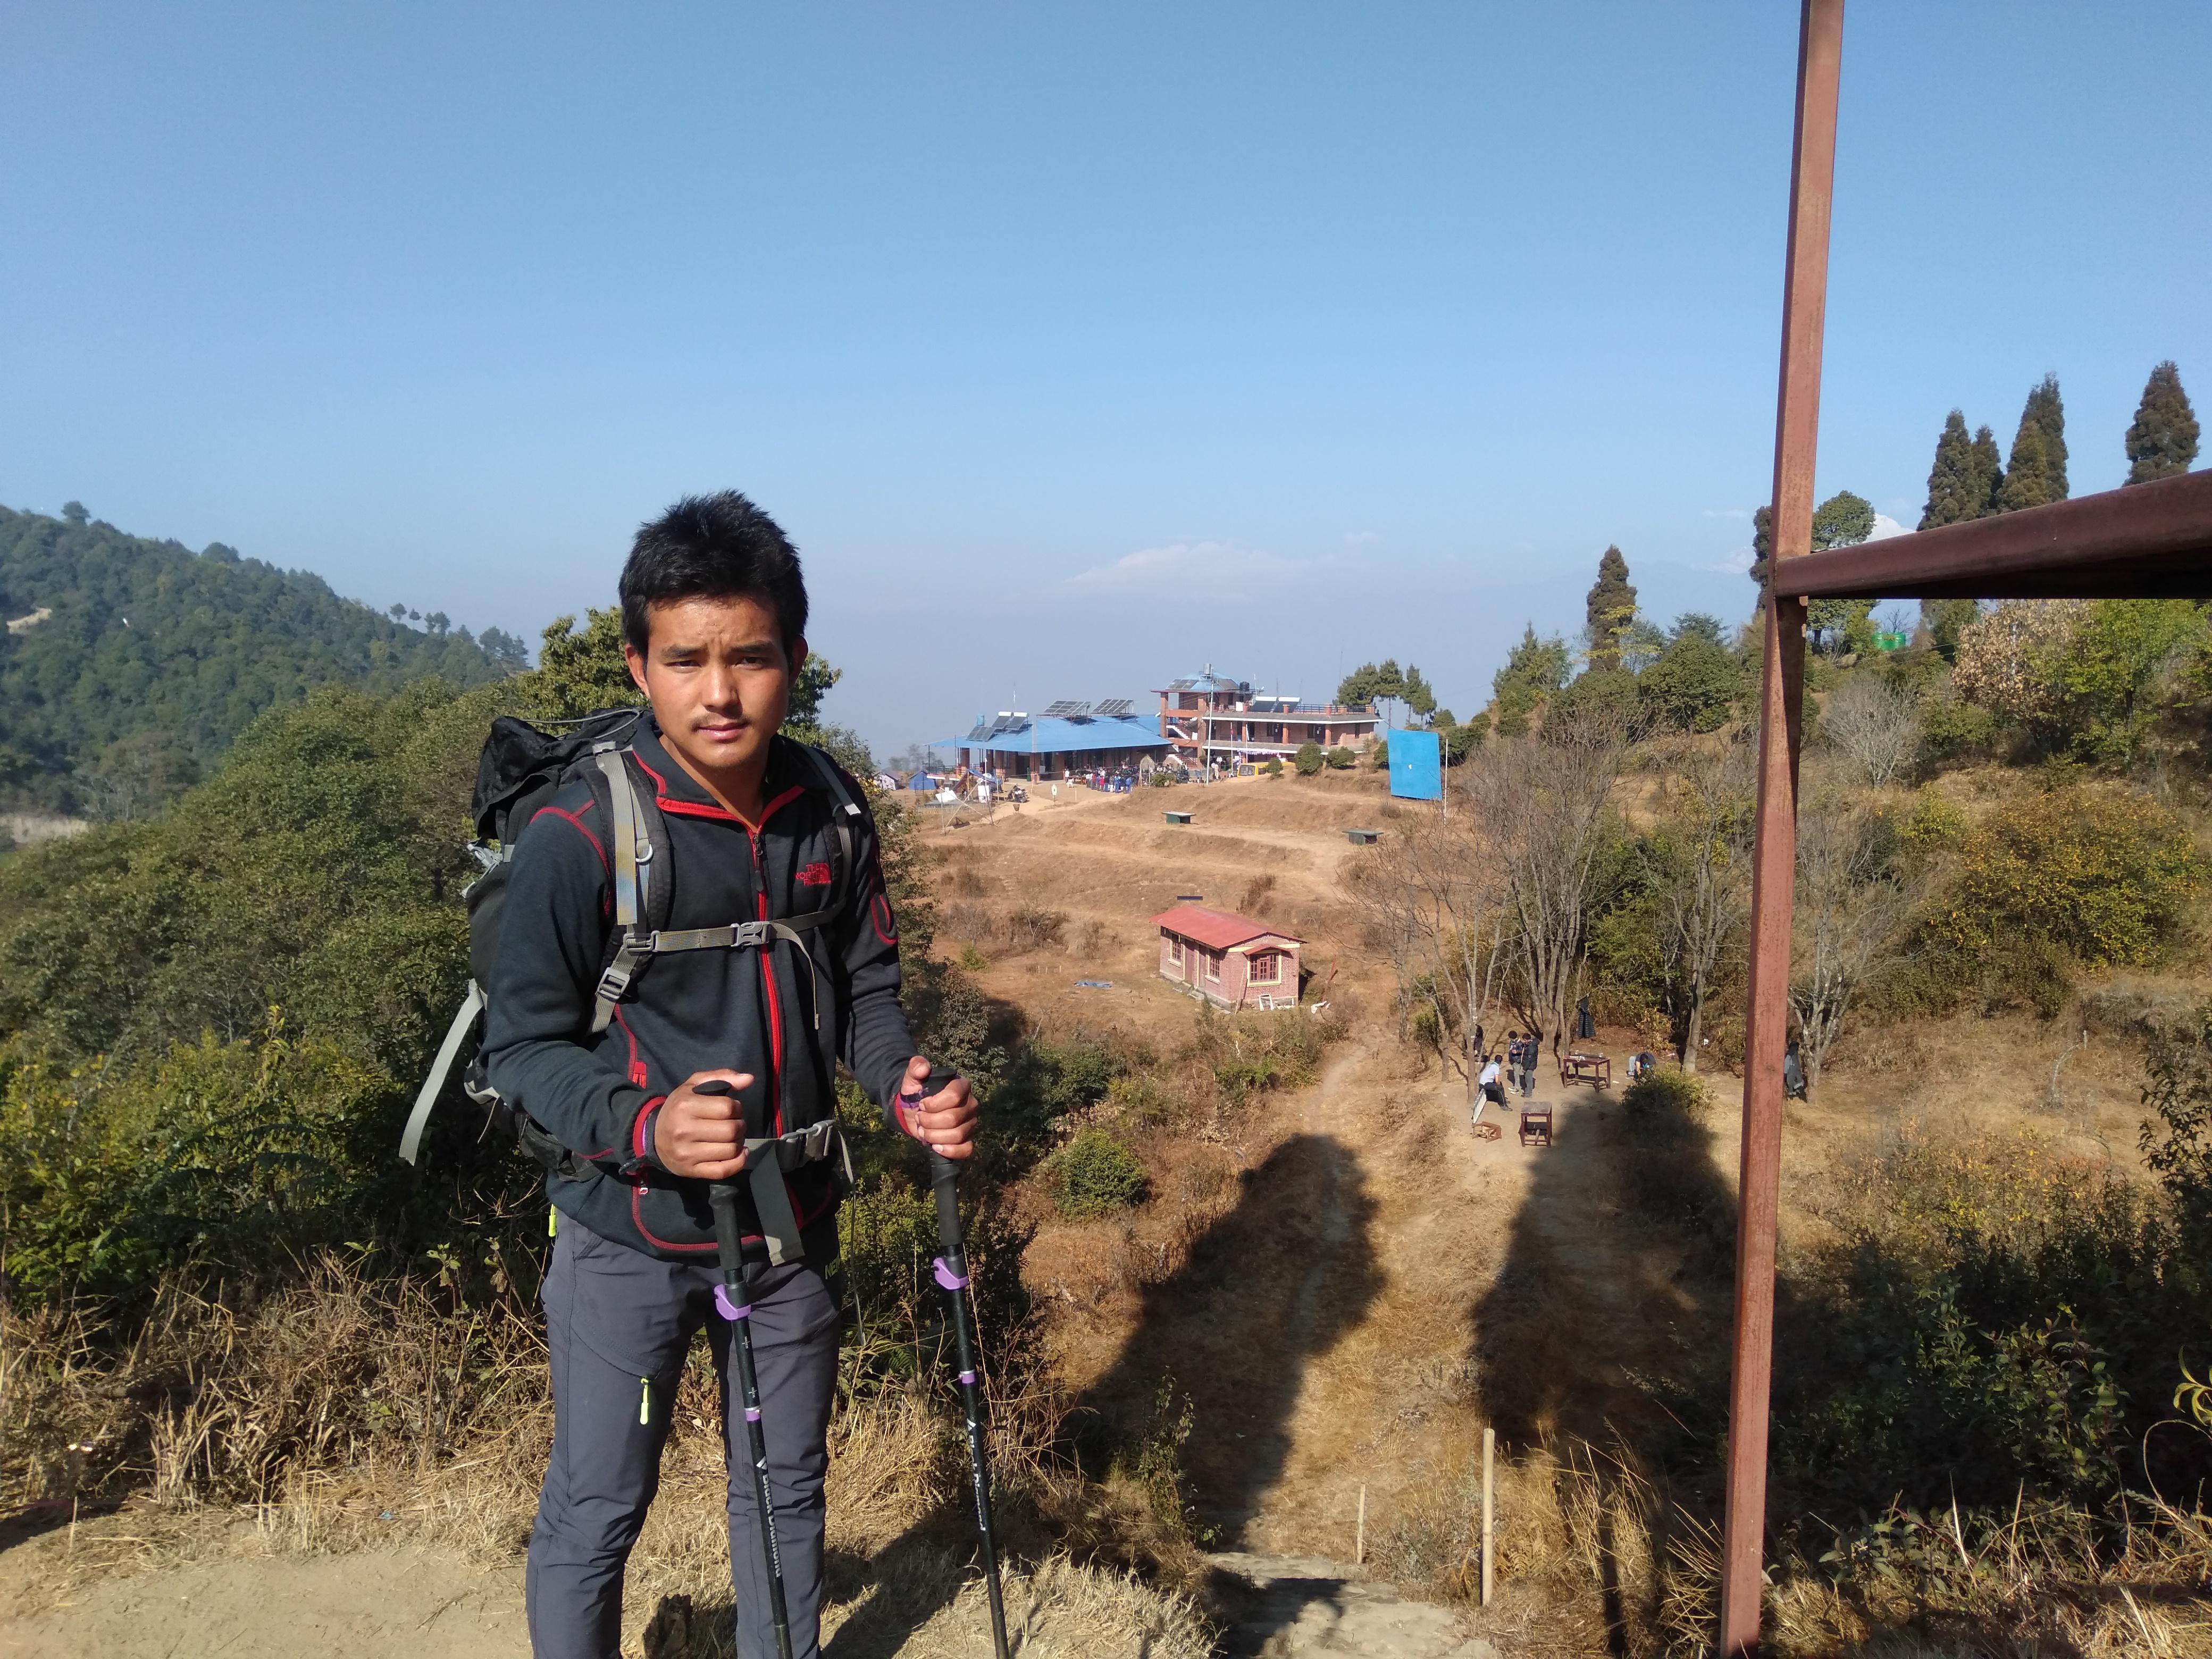 Lakpa Dorjee Sherpa